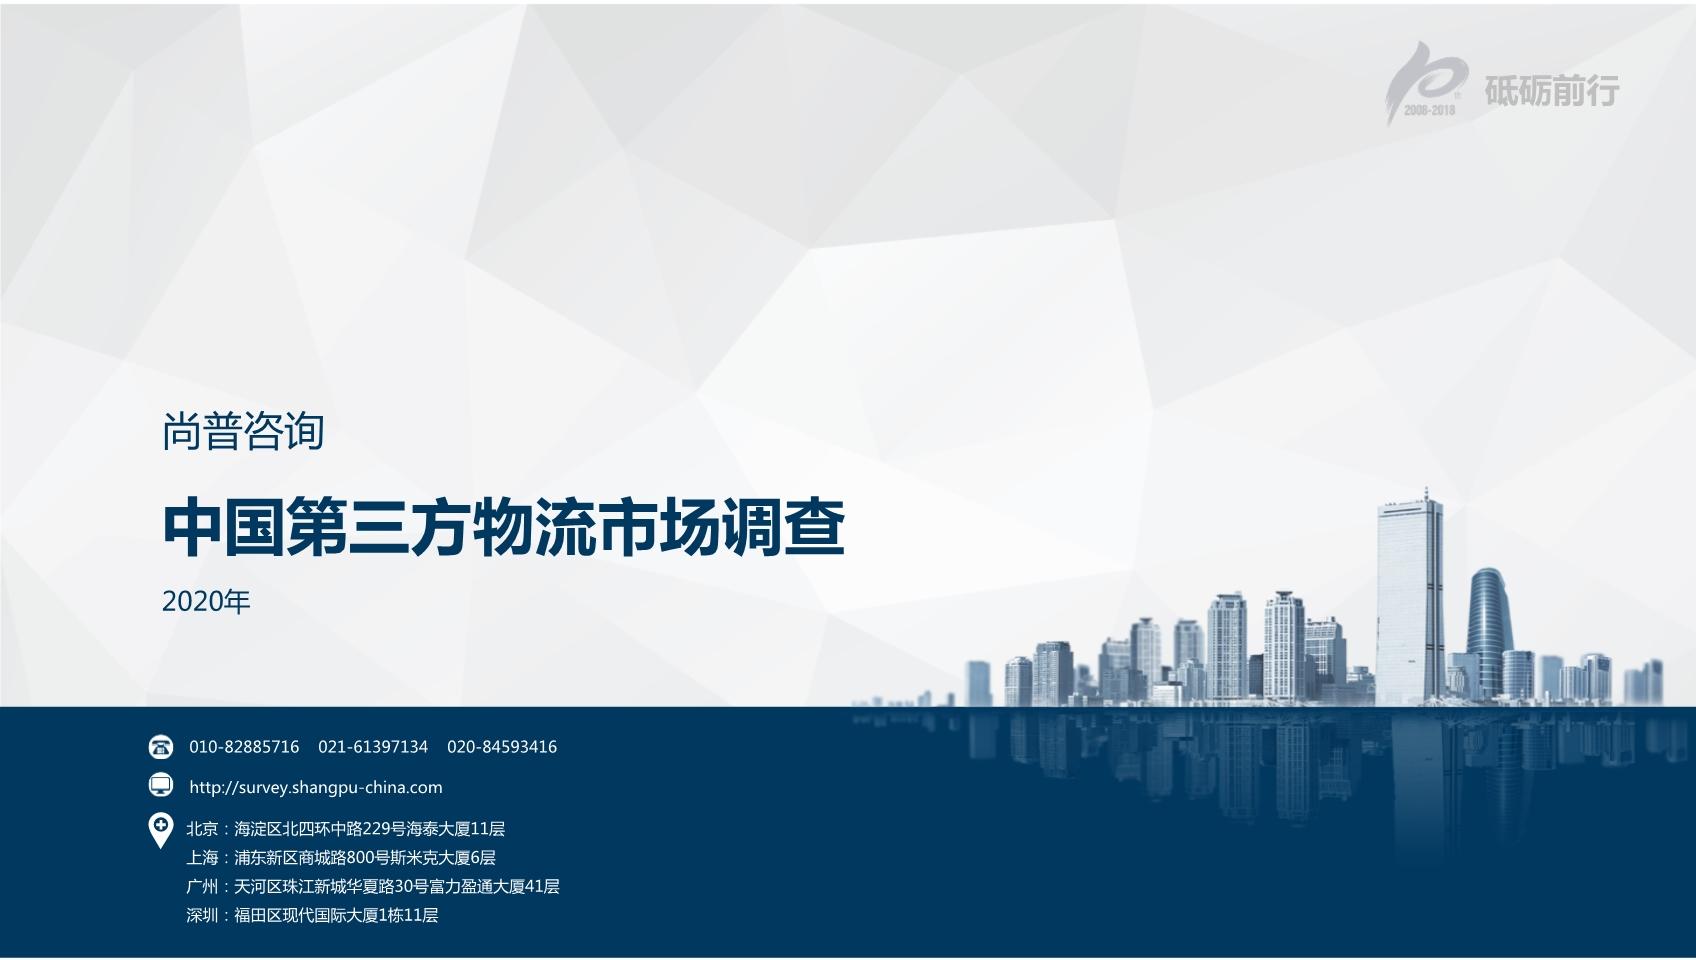 尚普咨询:2020年中国第三方物流市场调查